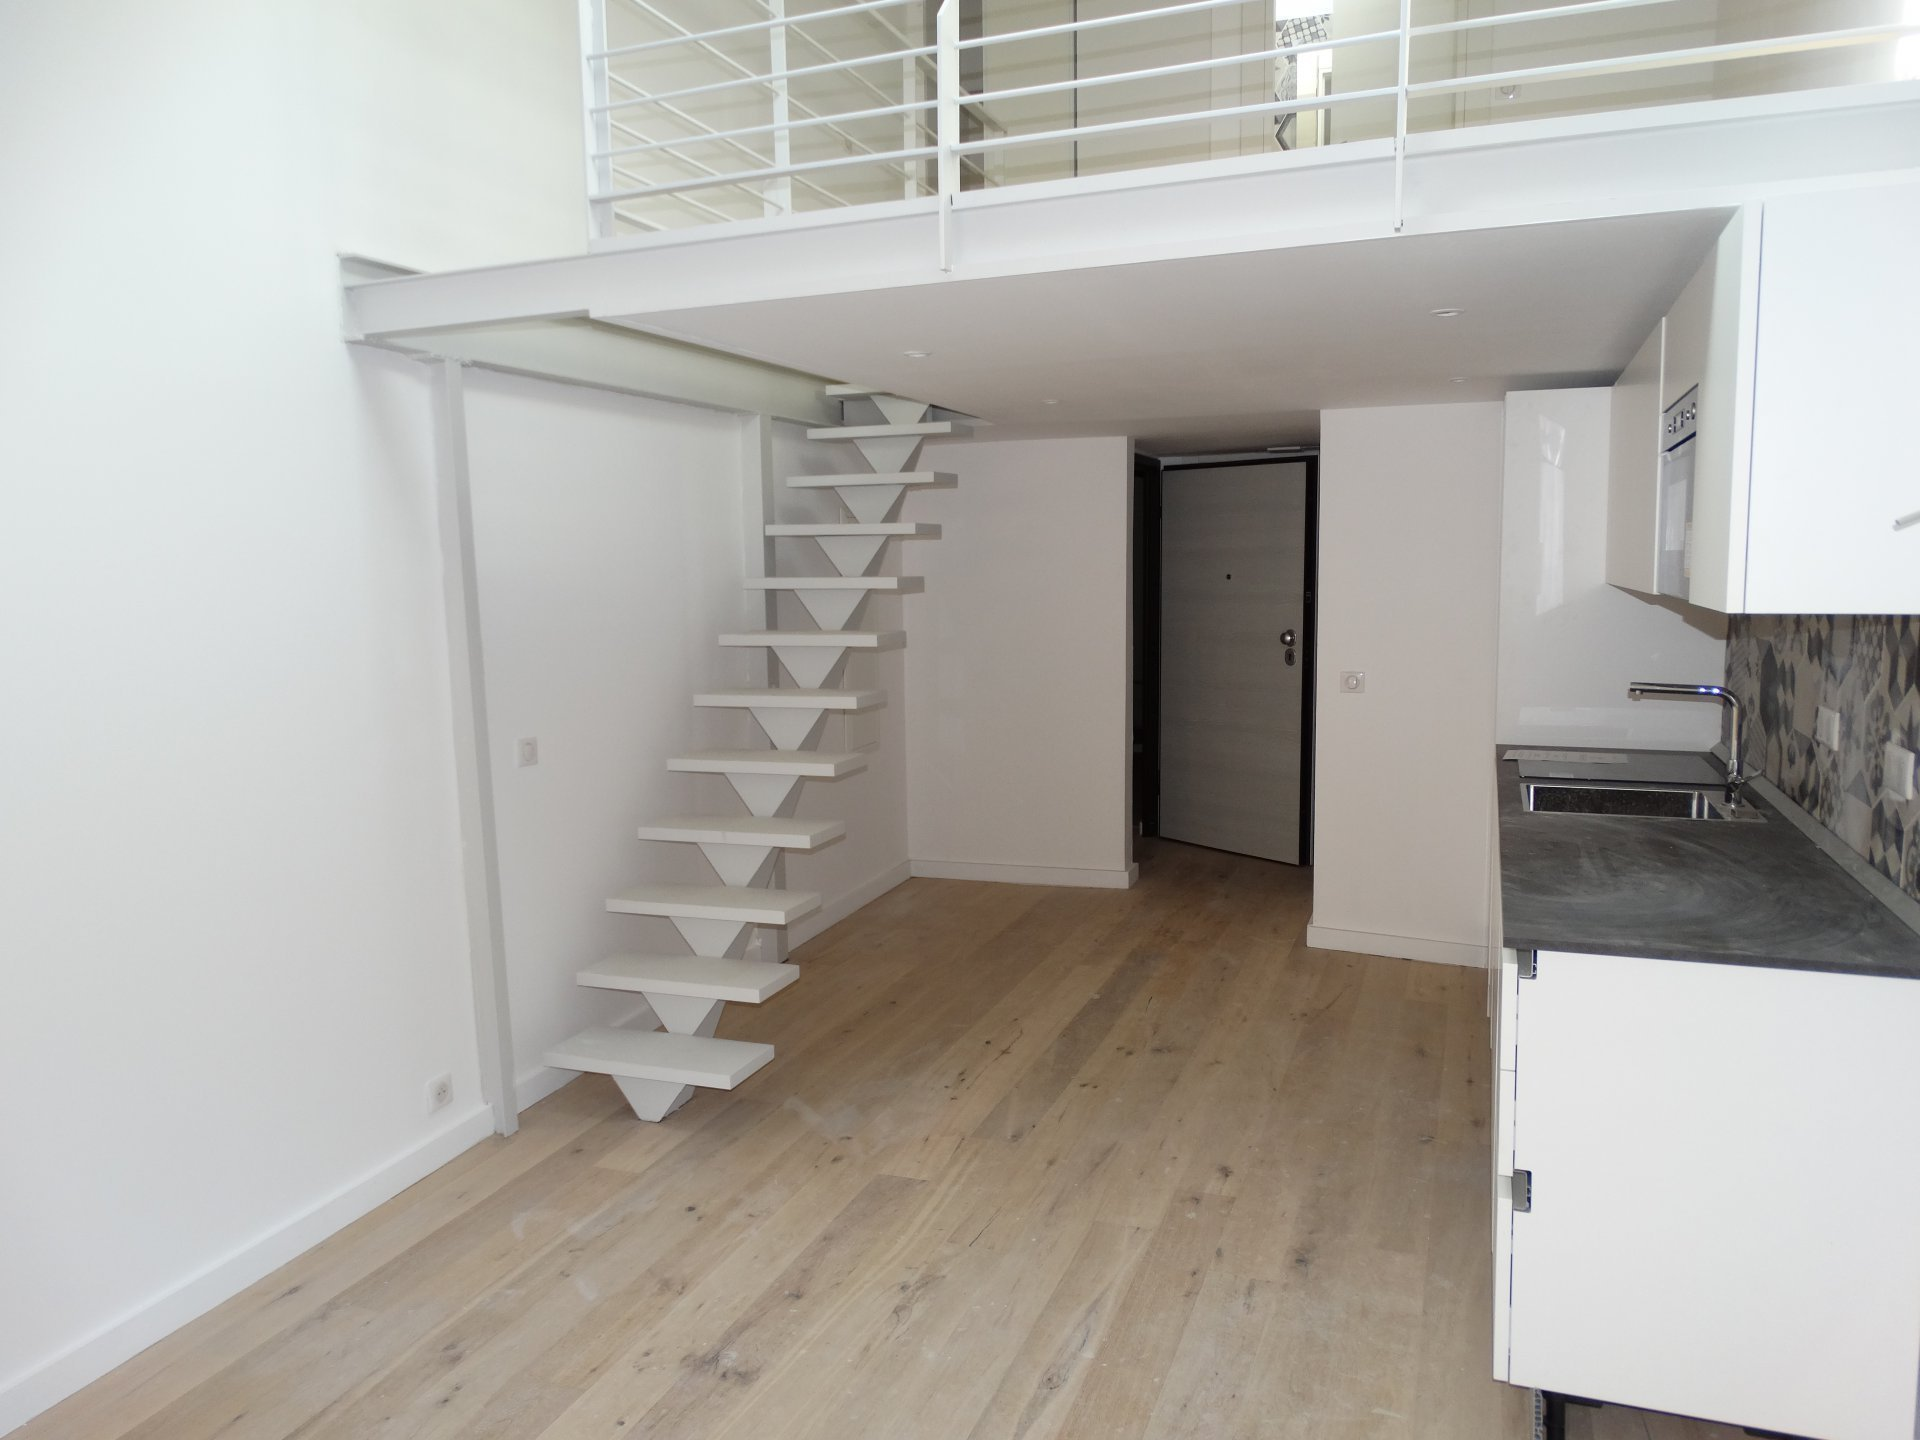 ALPES MARITIMES (06) - VILLEFRANCHE SUR MER - A vendre top emplacement 3 pièces mezzanine en dernier étage.